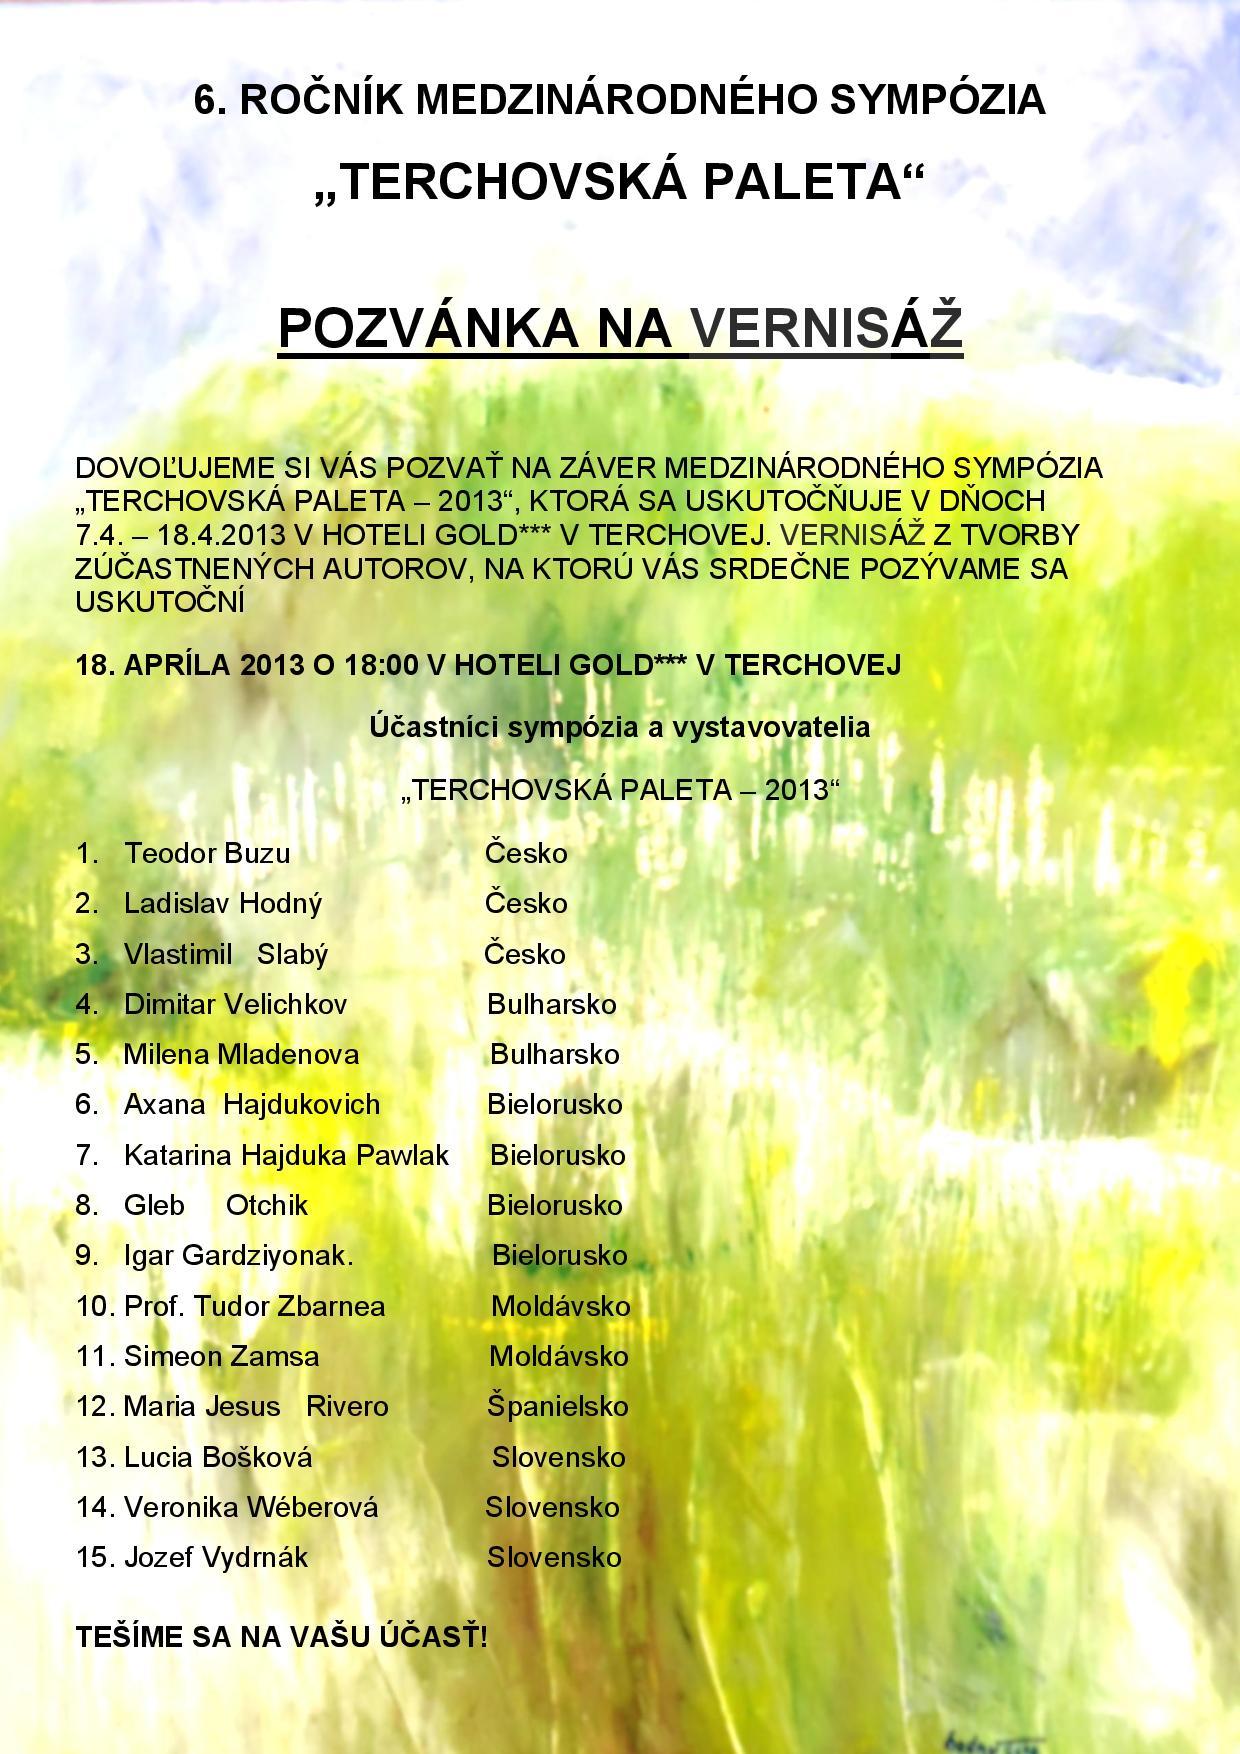 Pozvnka_na_vernis_18_4_2013_Terchovsk_paleta_JPG001